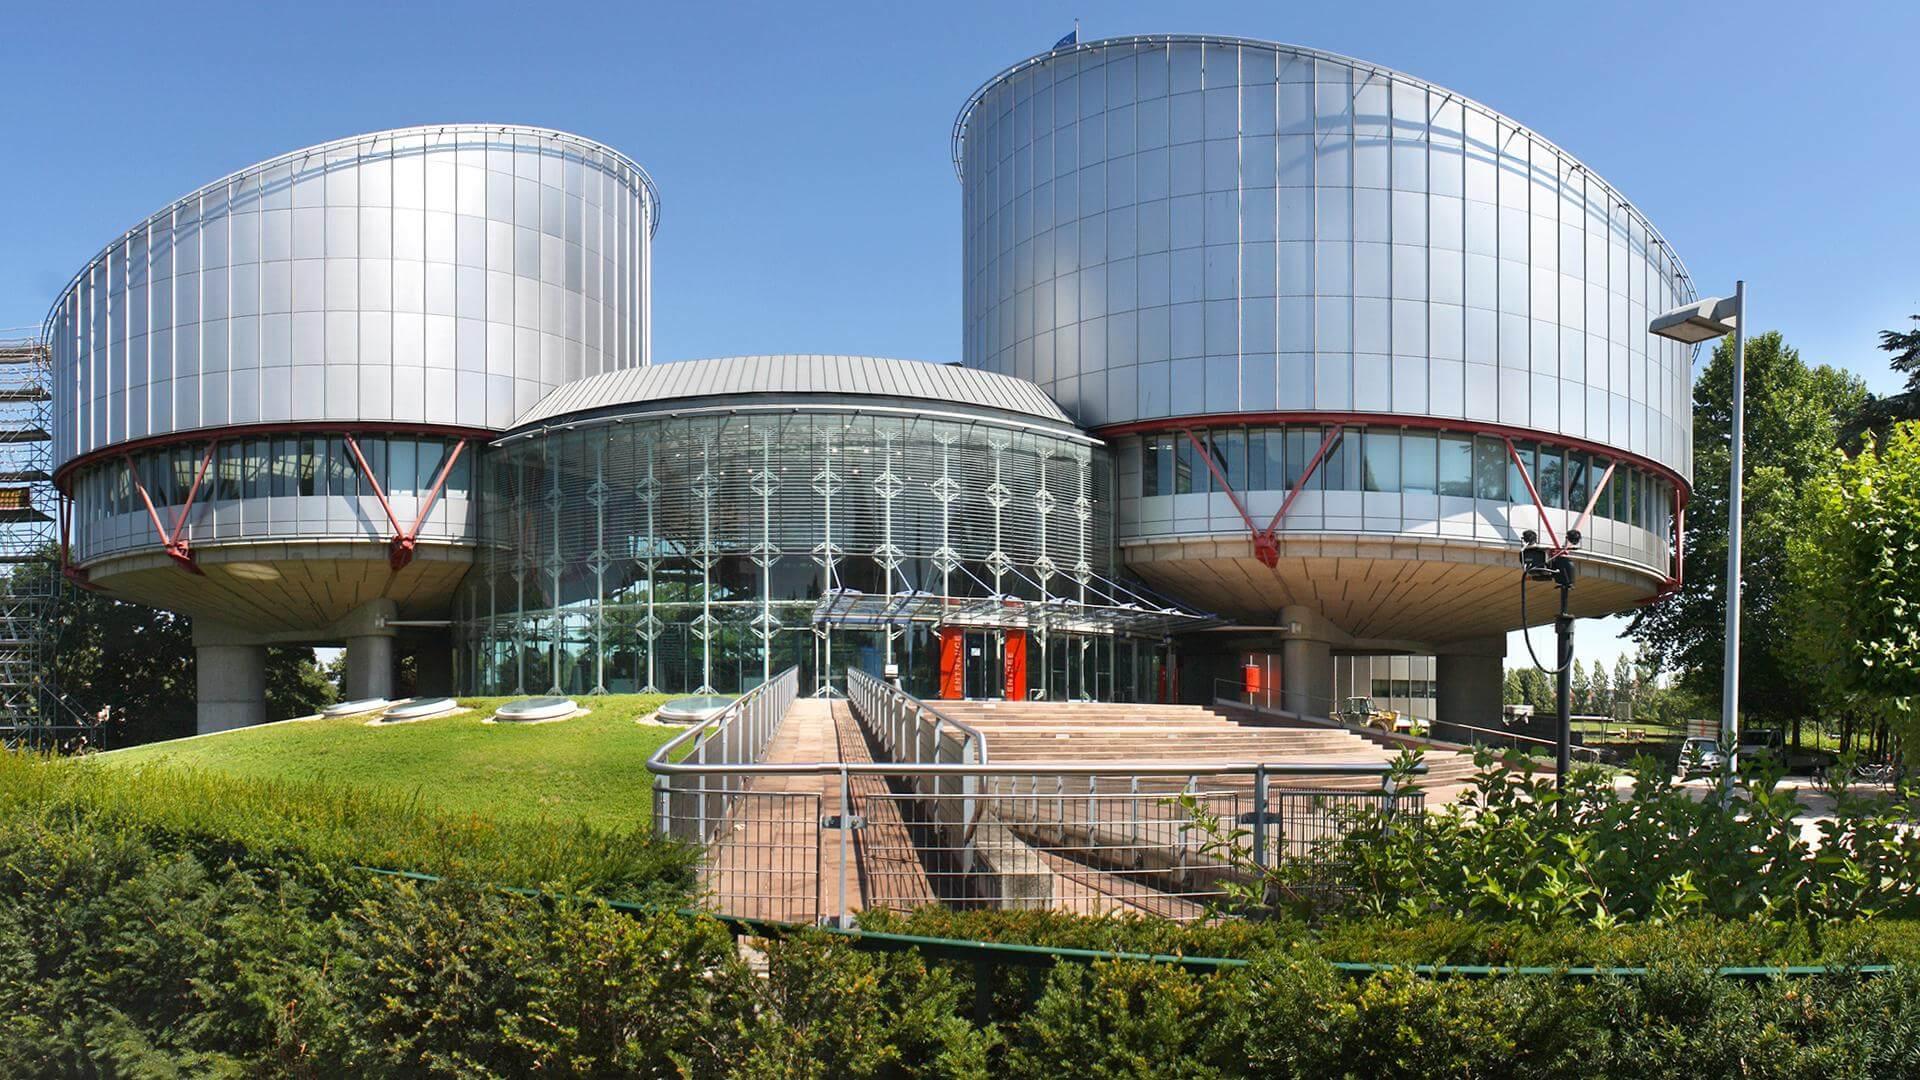 ЕСПЧ отклонил обвинения Грузии в адрес России из-за Южной Осетии